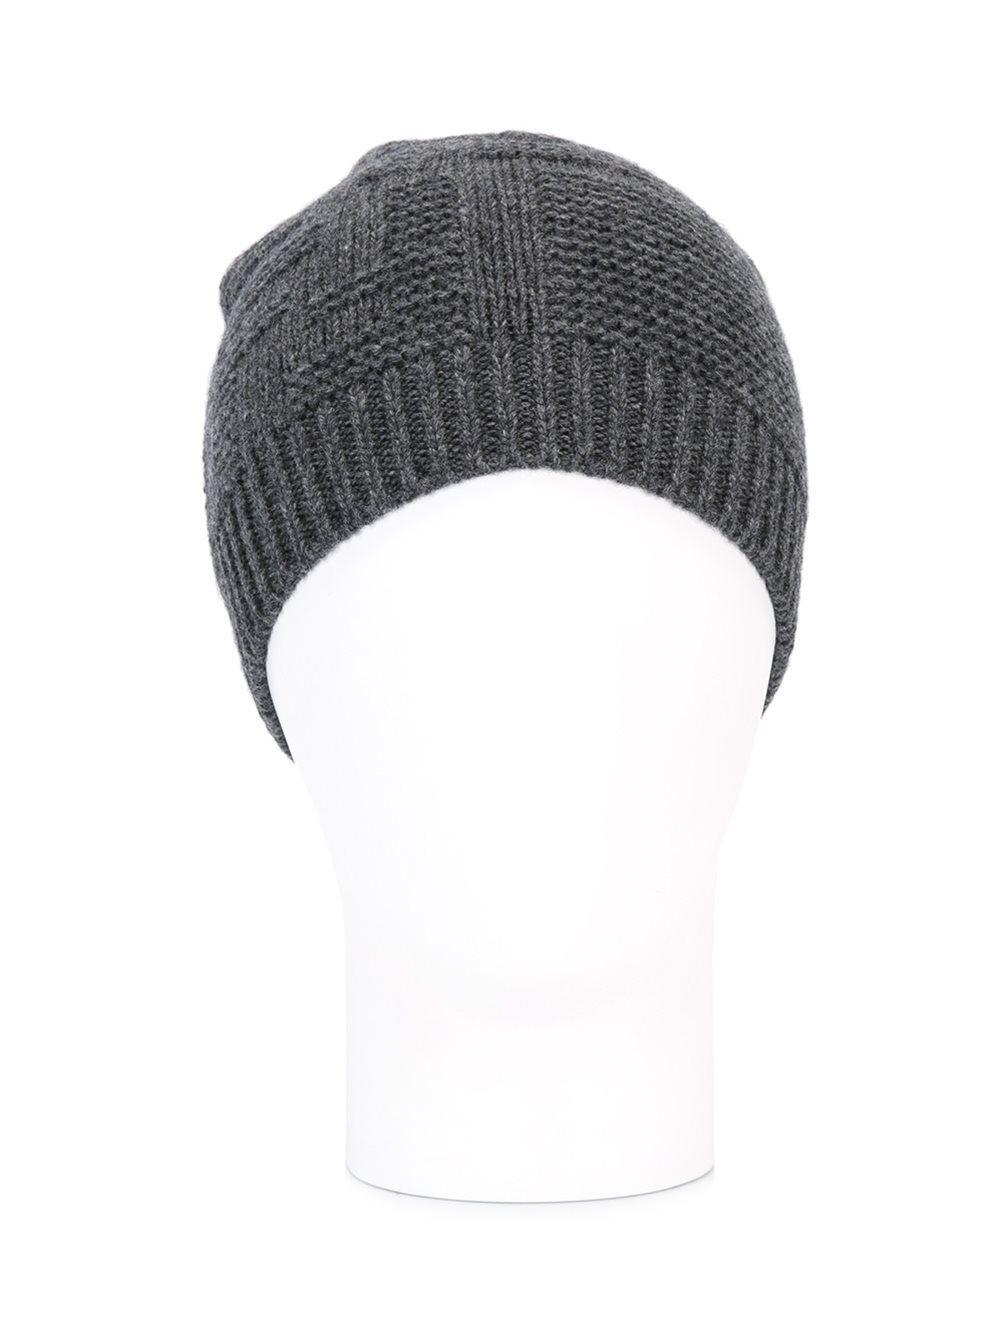 8d3f61e0199 Fendi - Gray Knit Beanie - Lyst. View fullscreen